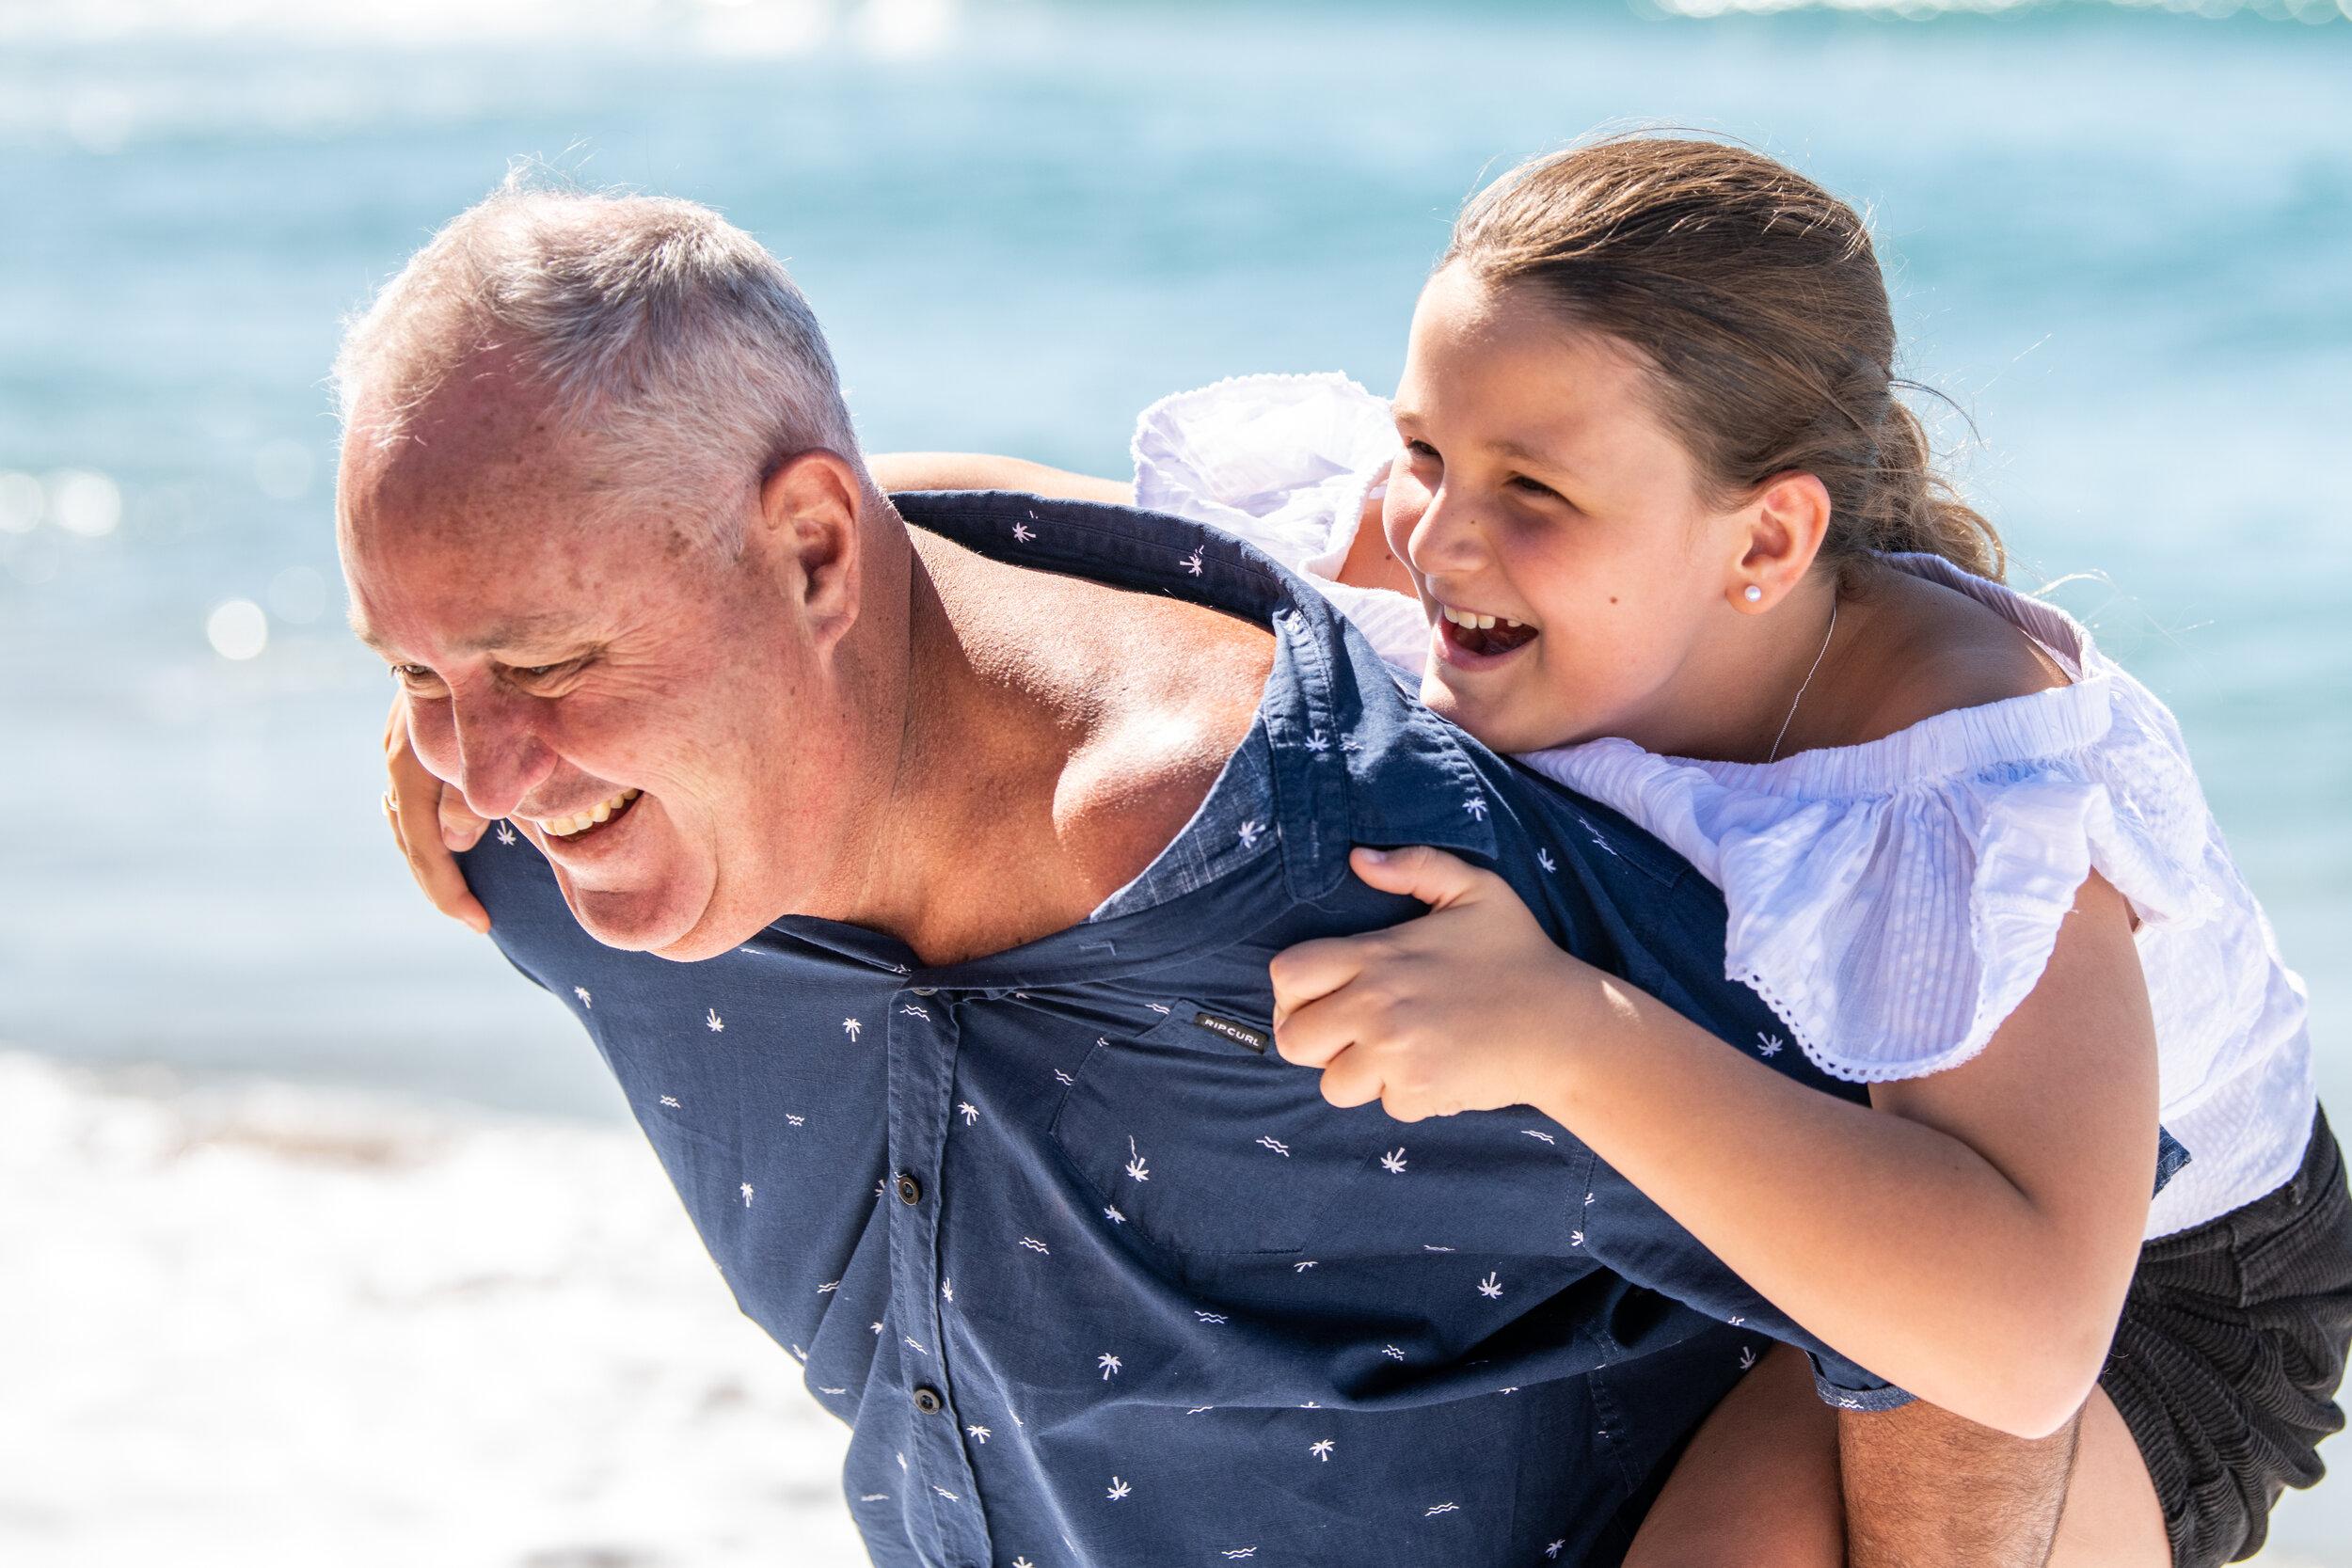 我们热情地支持我们称为朋友的当地人——我们的诊所是萨瑟兰郡的一部分,我们的团队是你们社区的一部分。这就是为什么我们对我们的工作方式和我们所帮助的人如此热情。我们希望你能听到我们美丽海滩的海浪声,听到你家人和朋友的声音。从采用和测试最新的听力技术到我们的亲力亲为和友好的咨询,我们很荣幸能为夏尔为听力受损的人提供优质的服务。因为当你受益时,我们都会受益。